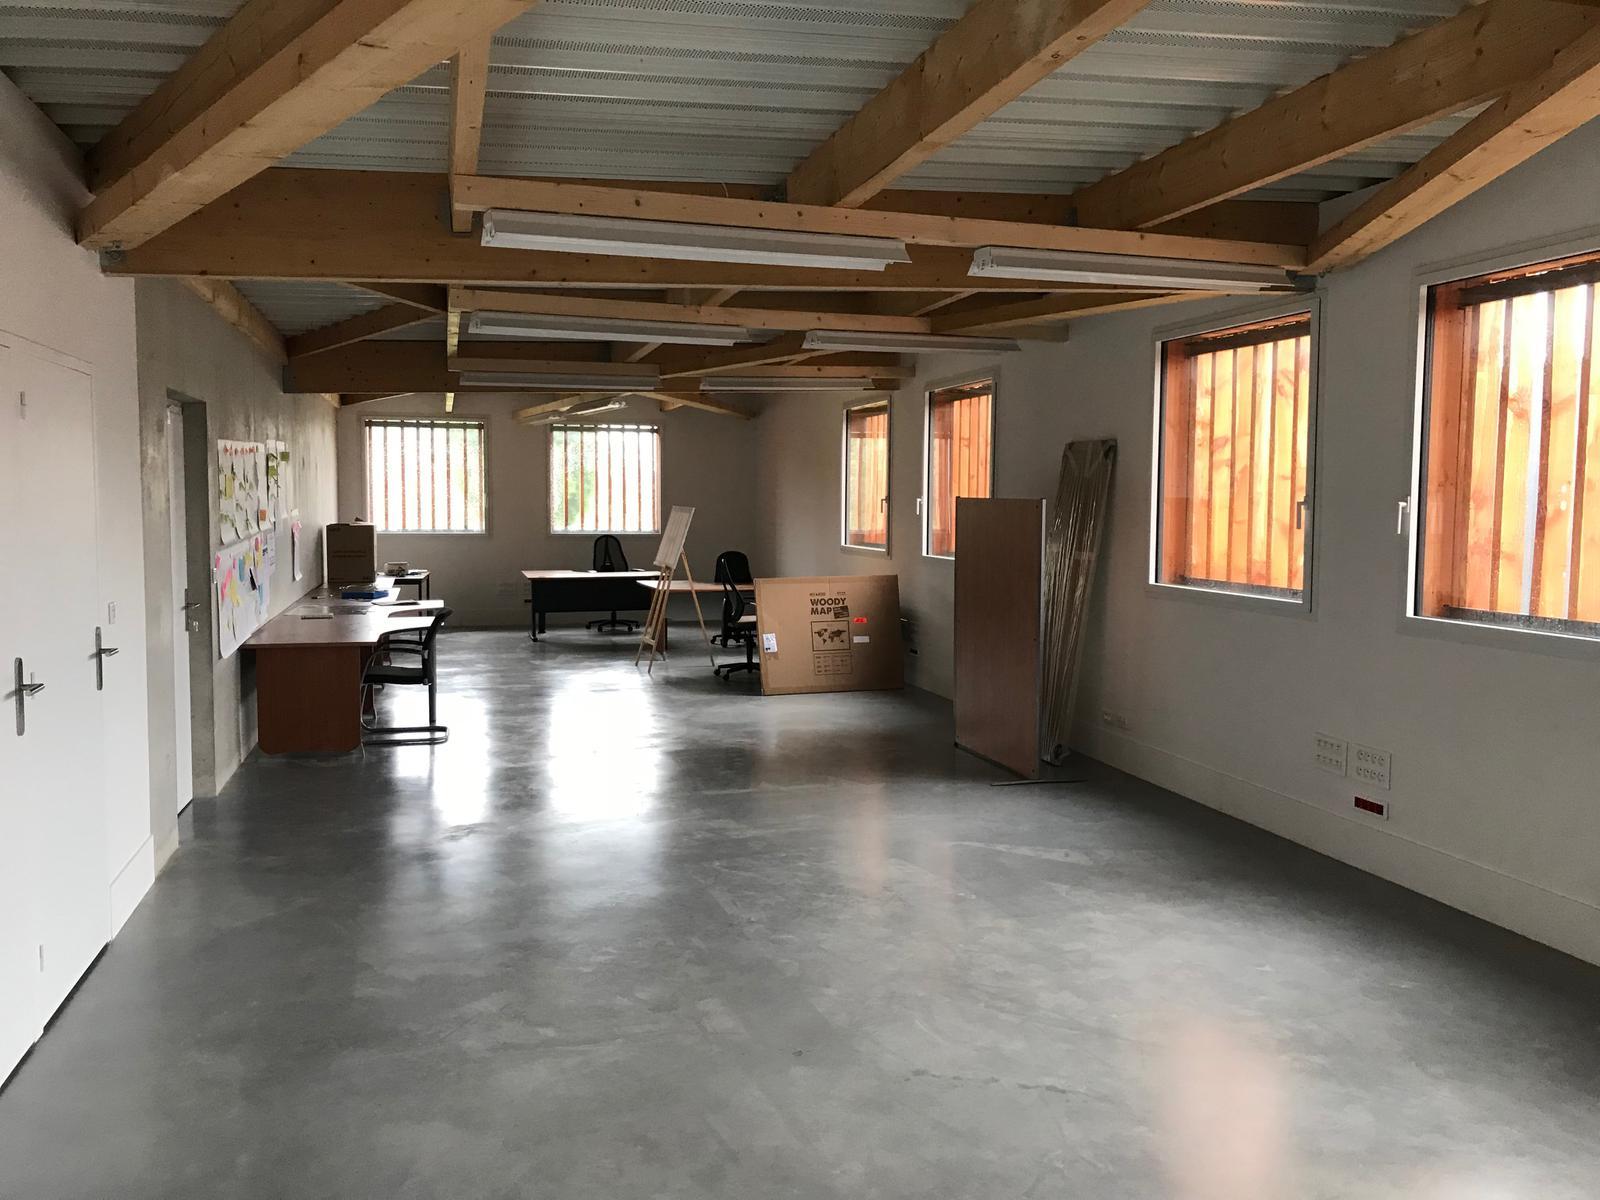 Location bureau la chevrolière u bureauxlocaux